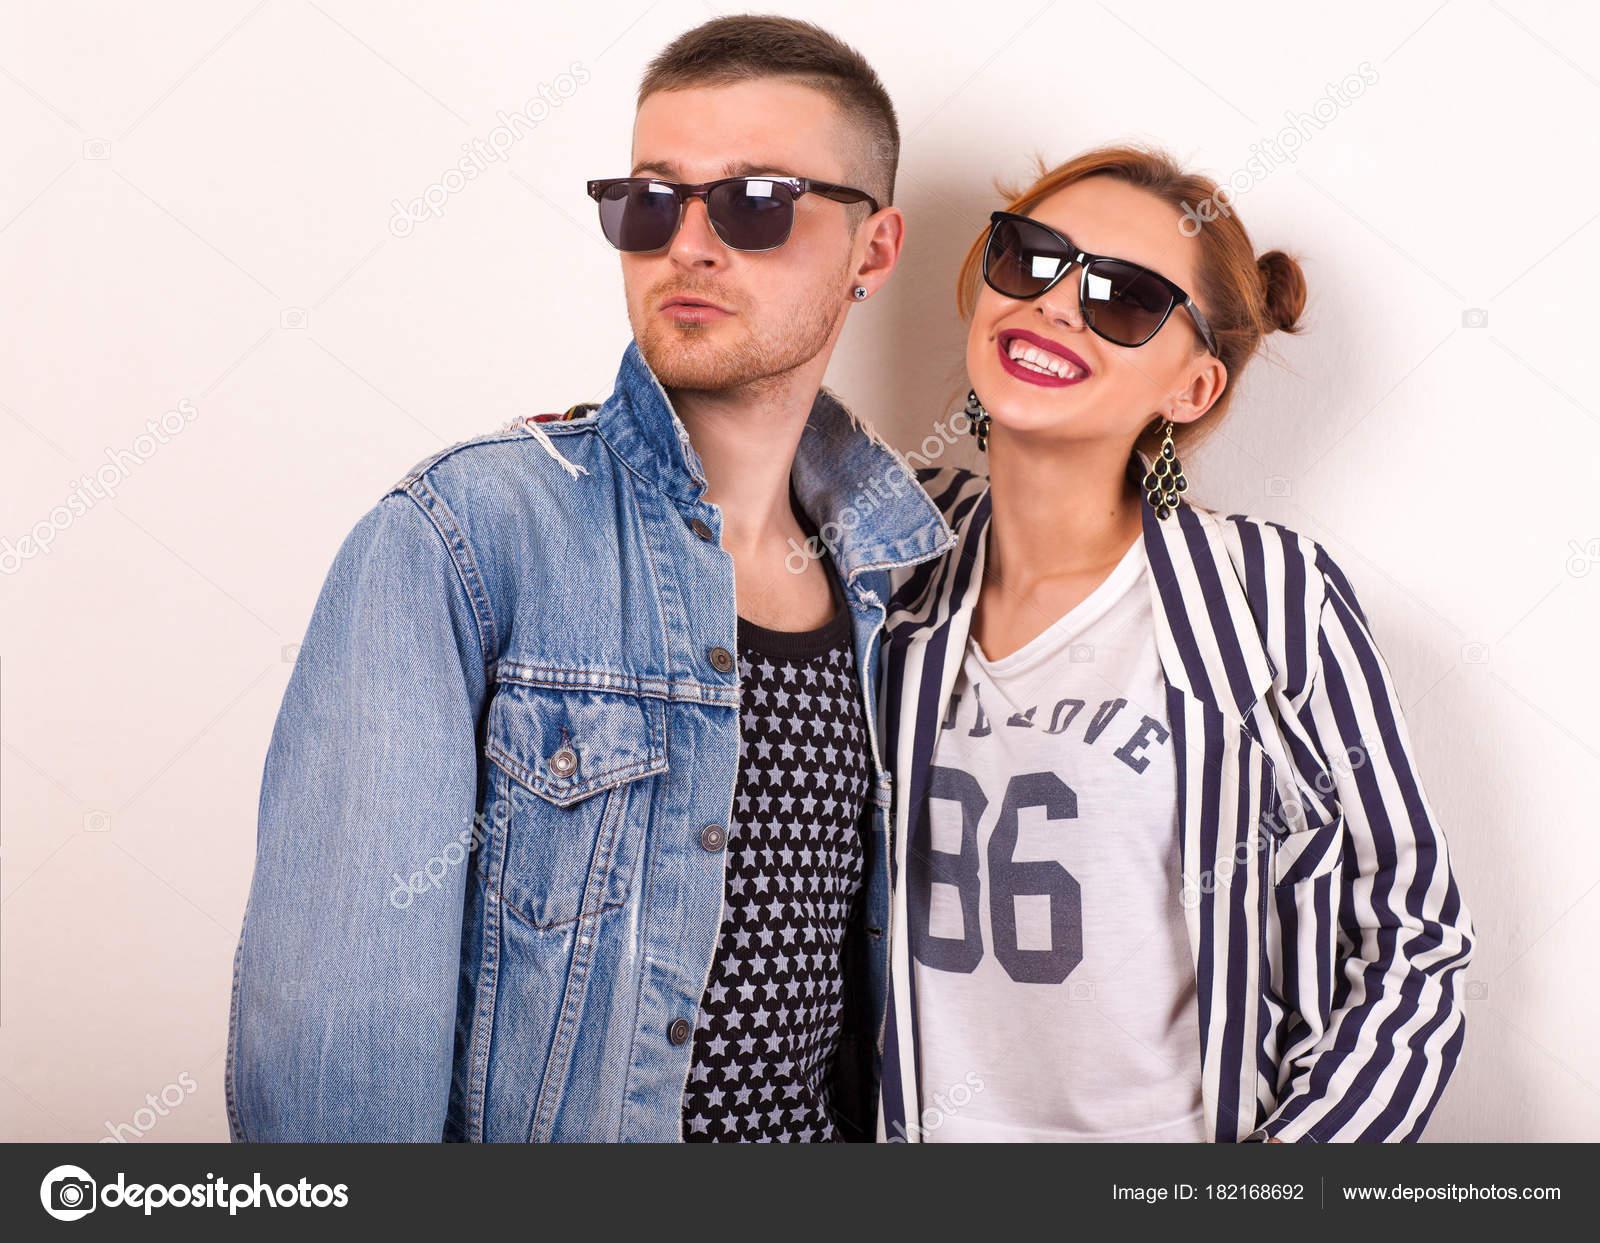 b6b09994a8 Pareja Manera Hermosa Con Gafas Sol Sobre Fondo Blanco Estilo — Fotos de  Stock